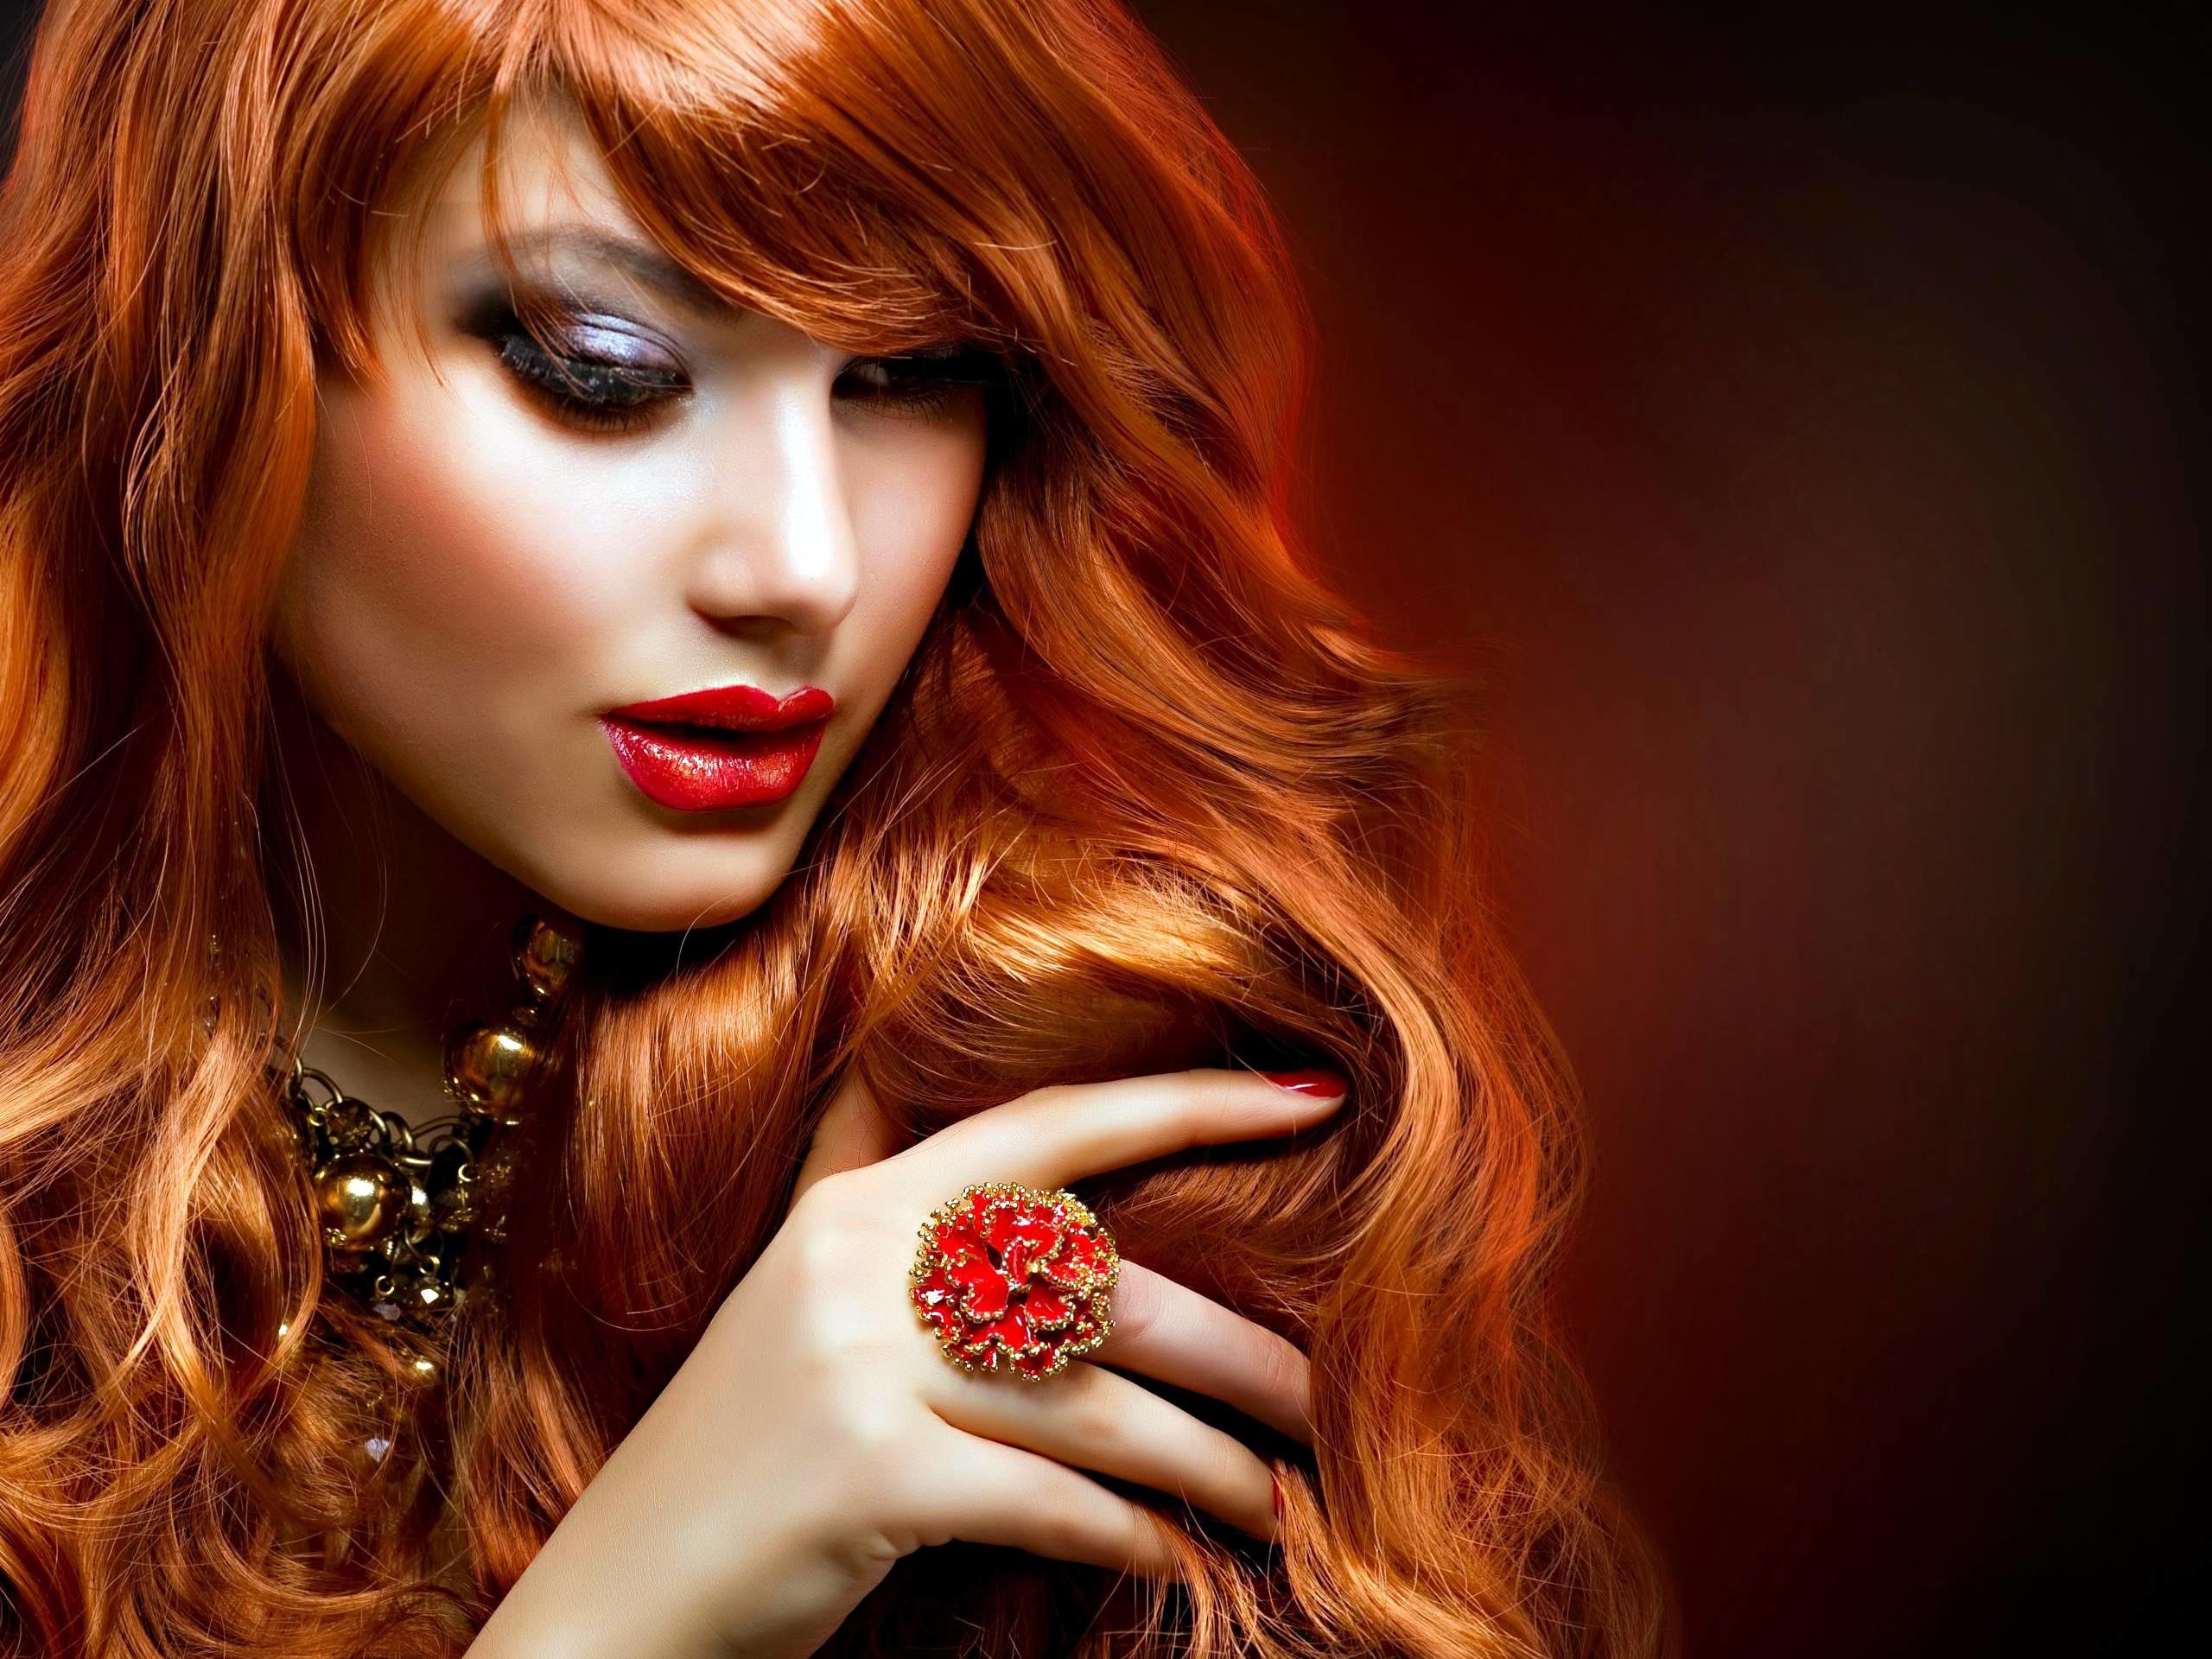 Mariah Carey Hot | Beautiful women | Pinterest | Mariah carey, Corset and  Celebs